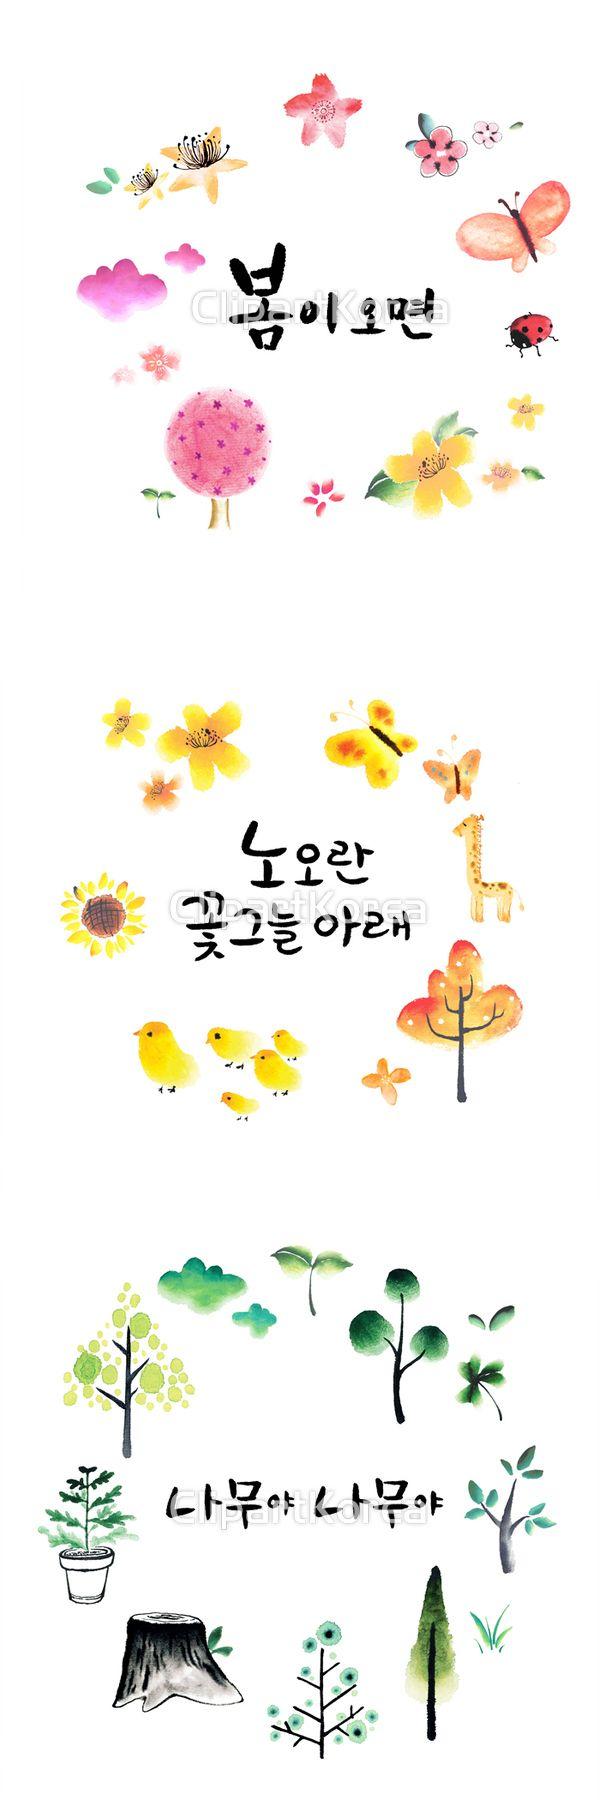 수업자료/배경/캘리그래피